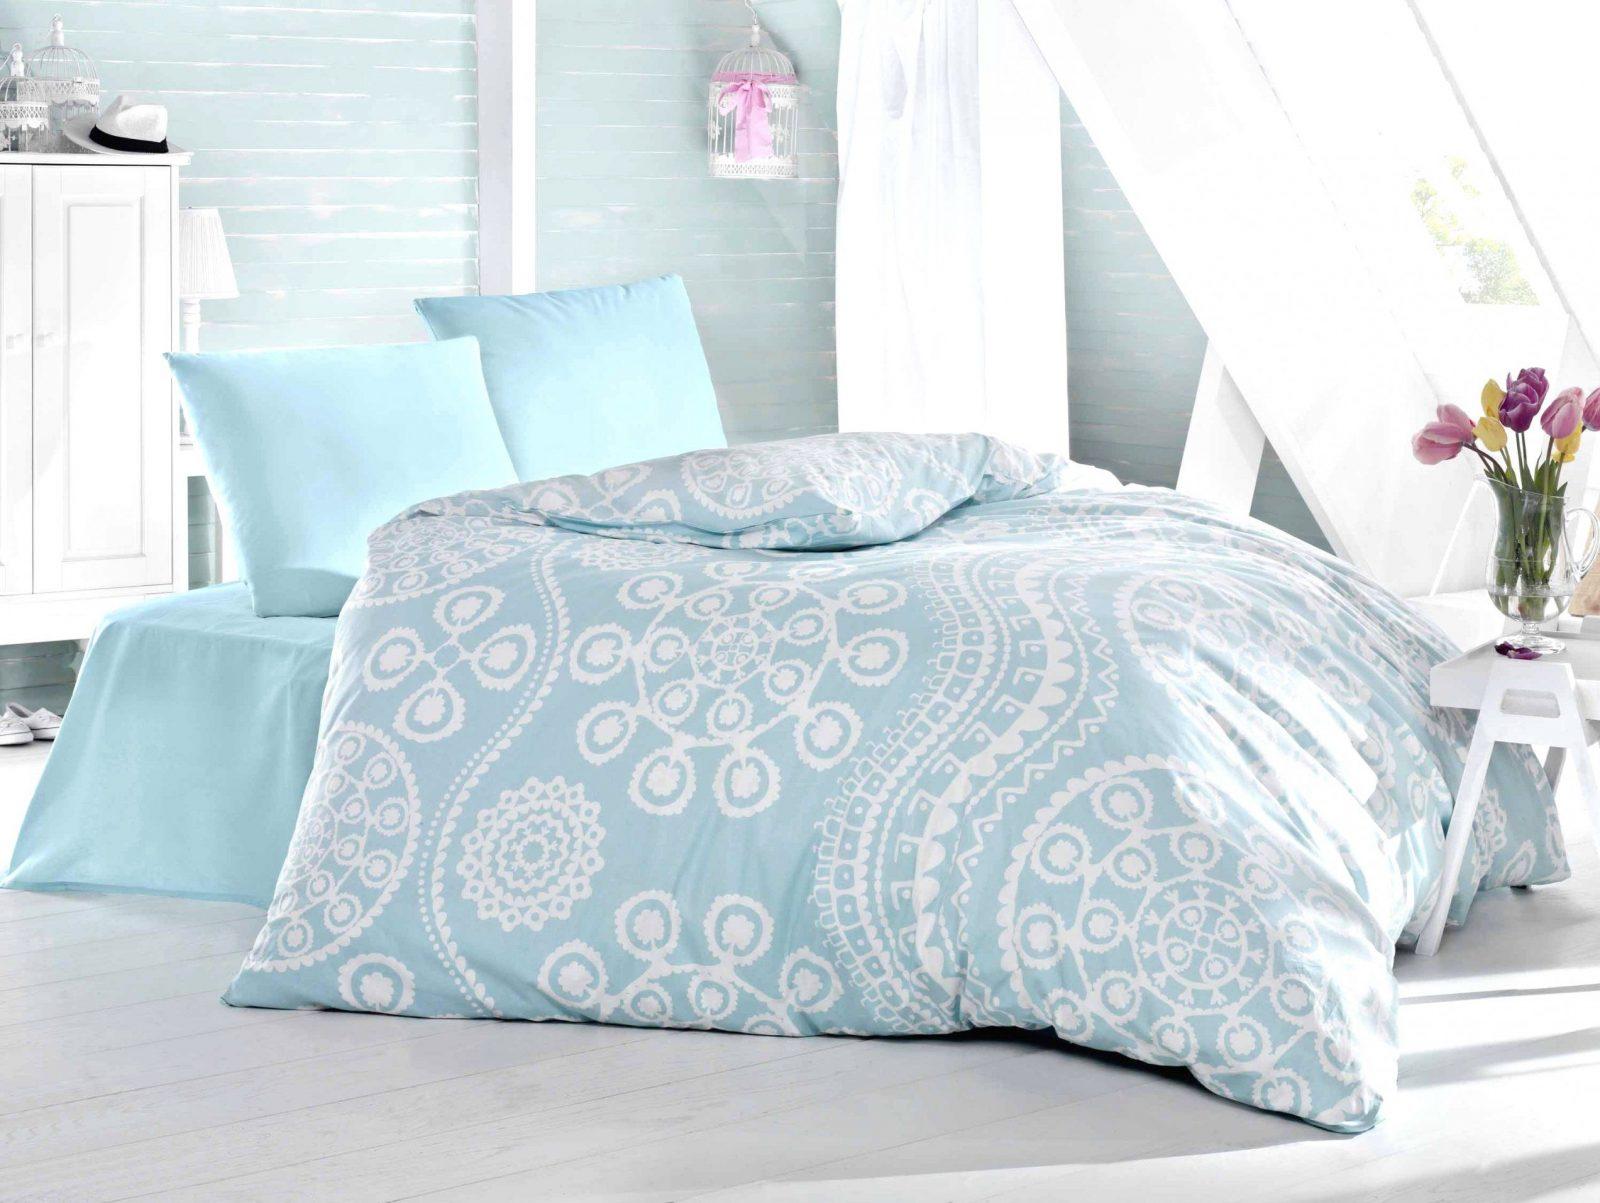 Unglaubliche Ideen Bettwäsche 2X2M Und Blühende 200 X Bettwasche von Bettwäsche 2 X 2 M Bild